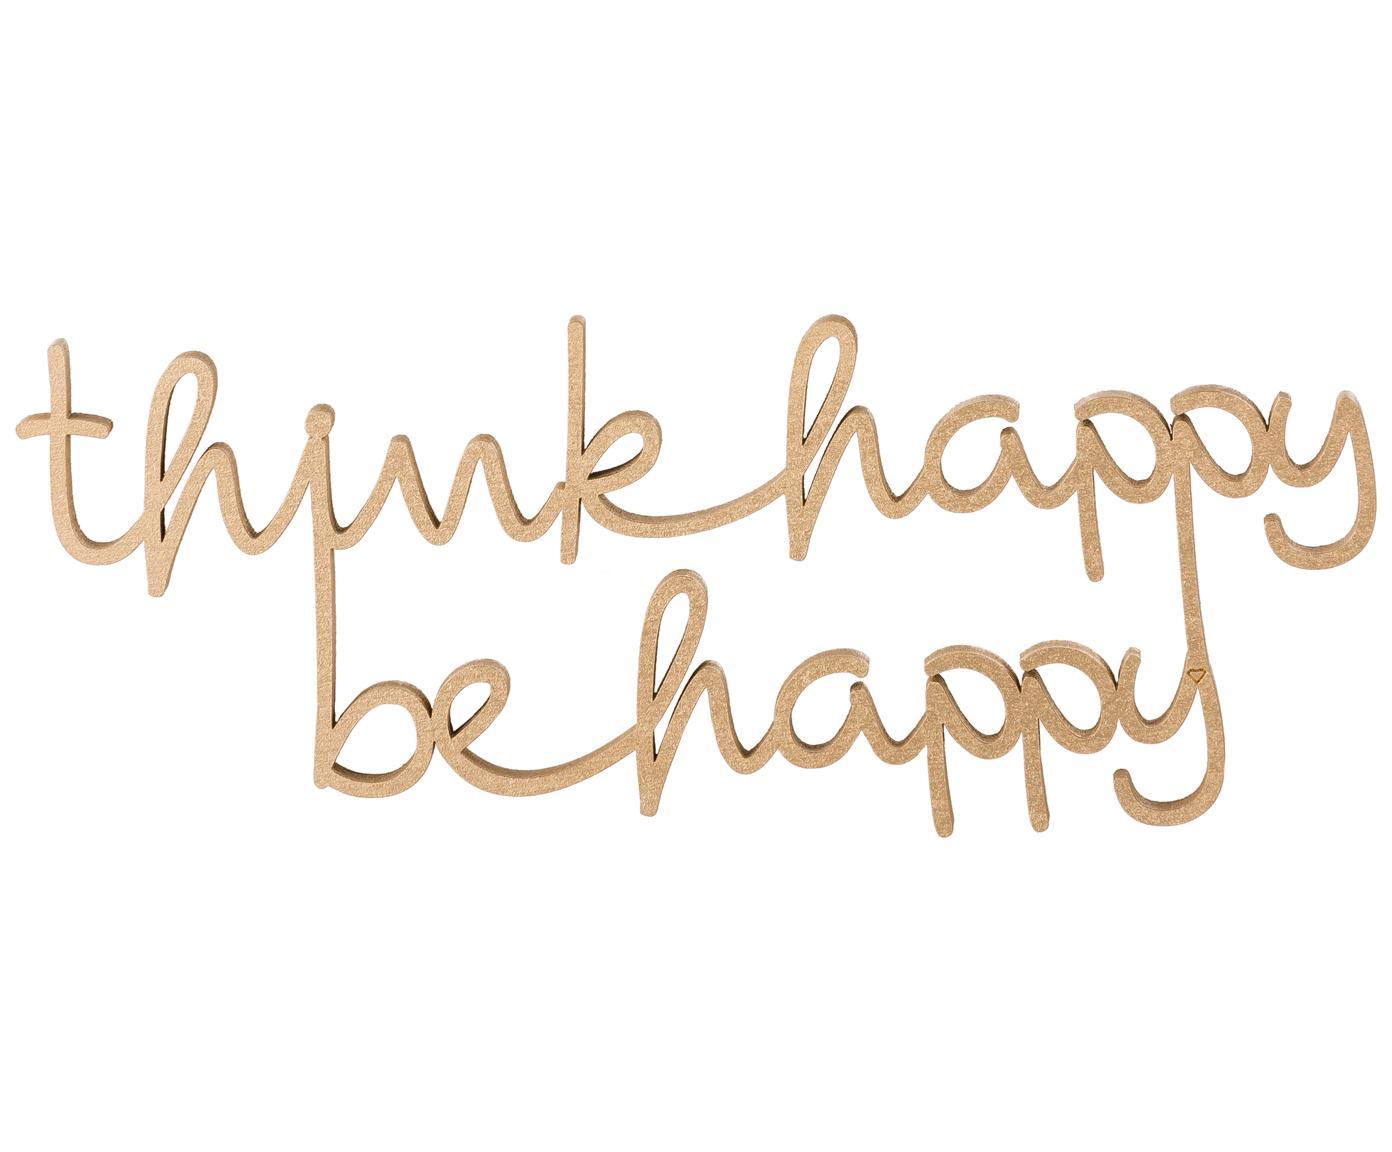 Dekoracja ścienna  XS z lakierowanego drewna Think happy be happy, Lakierowana płyta pliśniowa średniej gęstości (MDF), Odcienie złotego, S 20 x W 8 cm